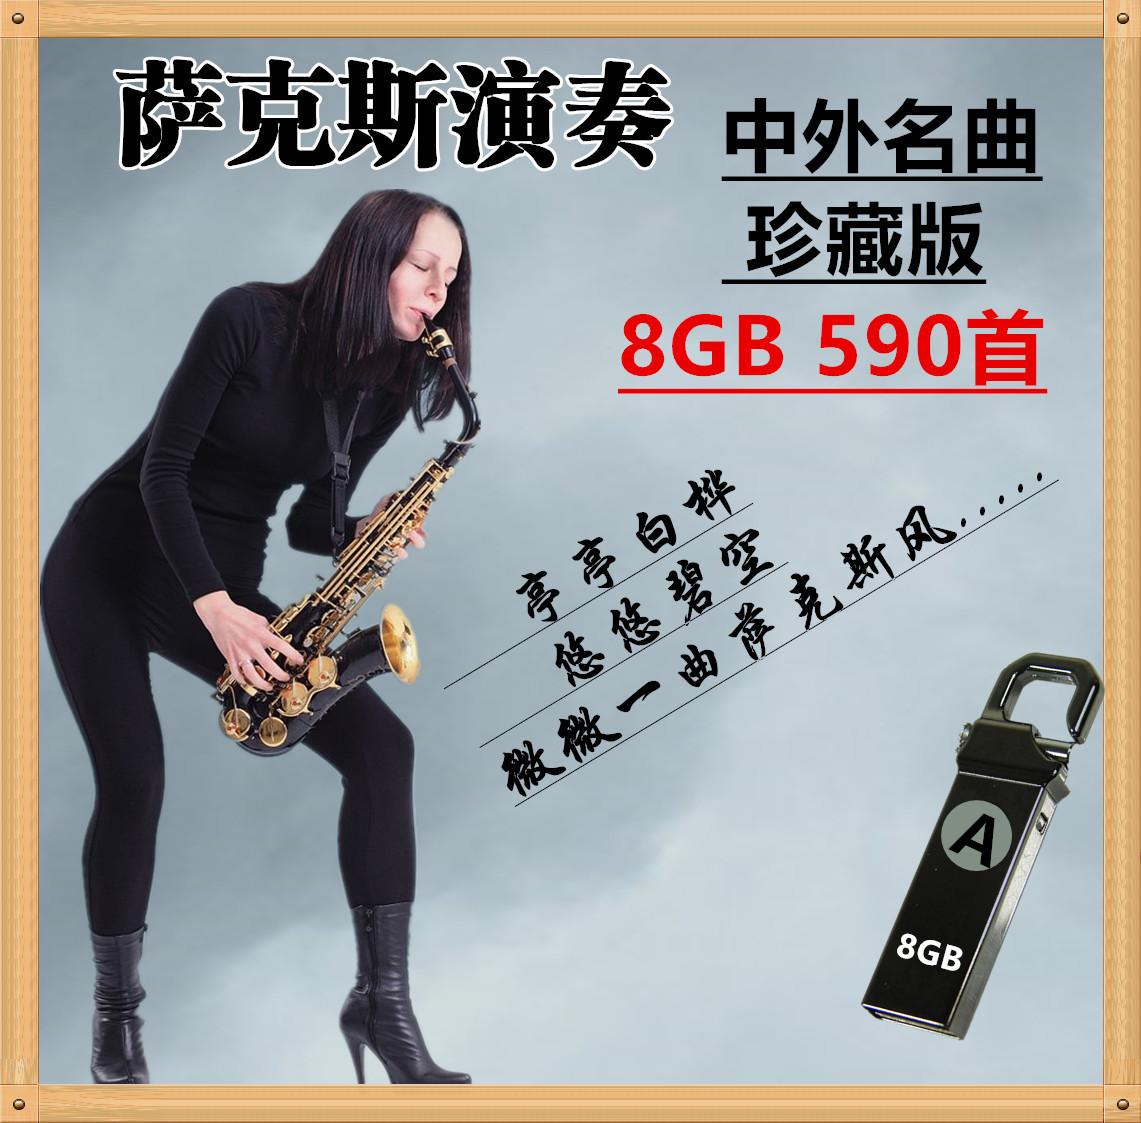 盘高音质 U 格式音乐 W电影 纯轻音乐萨克斯吹演奏无损高音质 32gb 热门